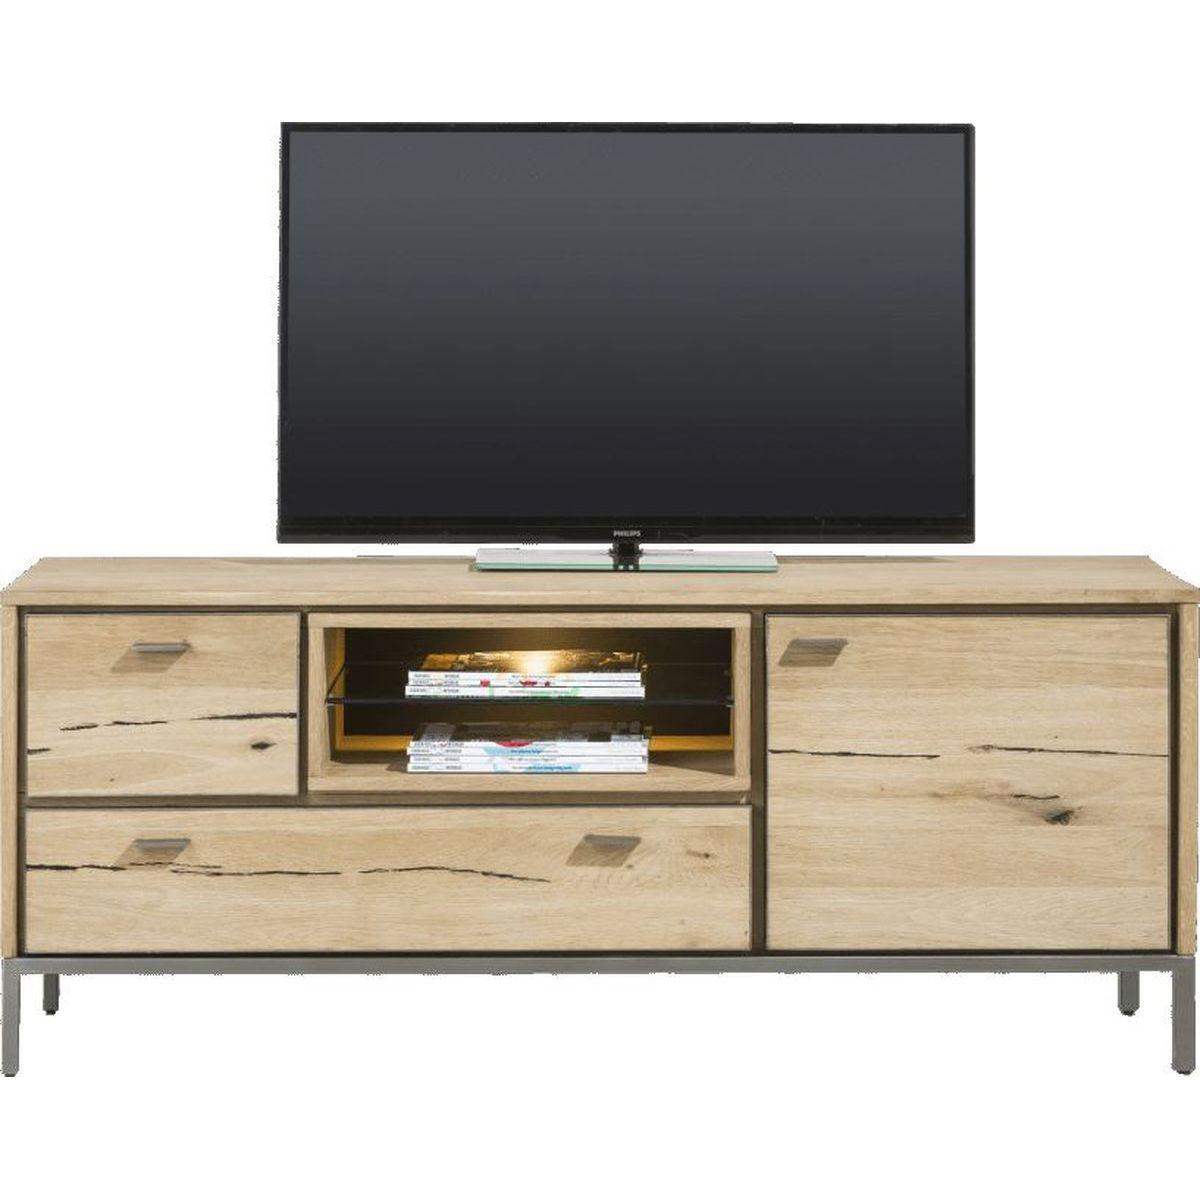 Meuble TV FANEUR Xooon 140cm LED